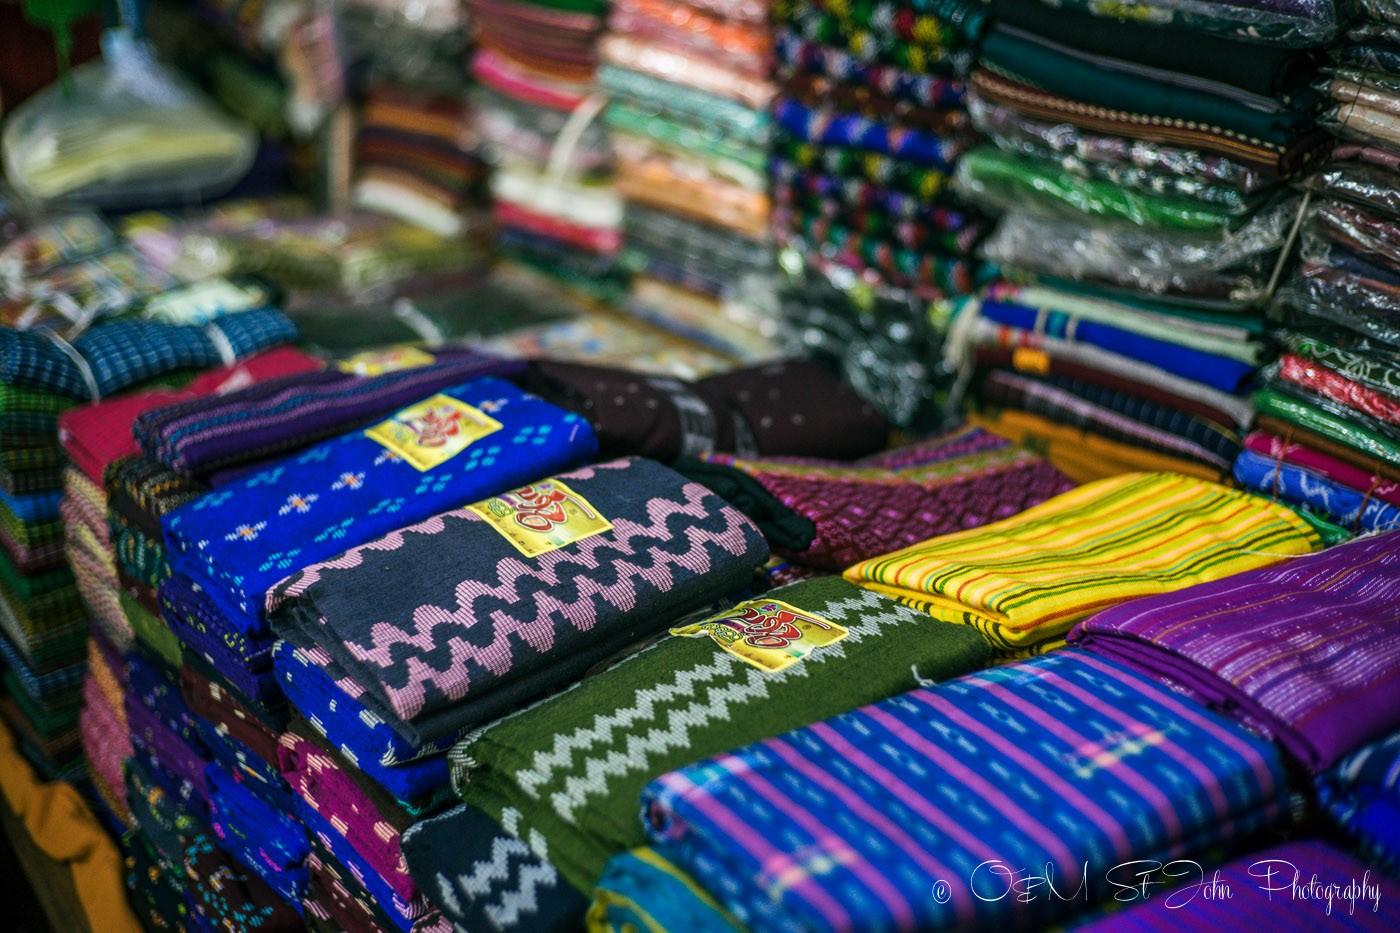 3 days in Yangon: Longyis on sale at the Bogyoke Aung San Market. Yangon. Myanmar